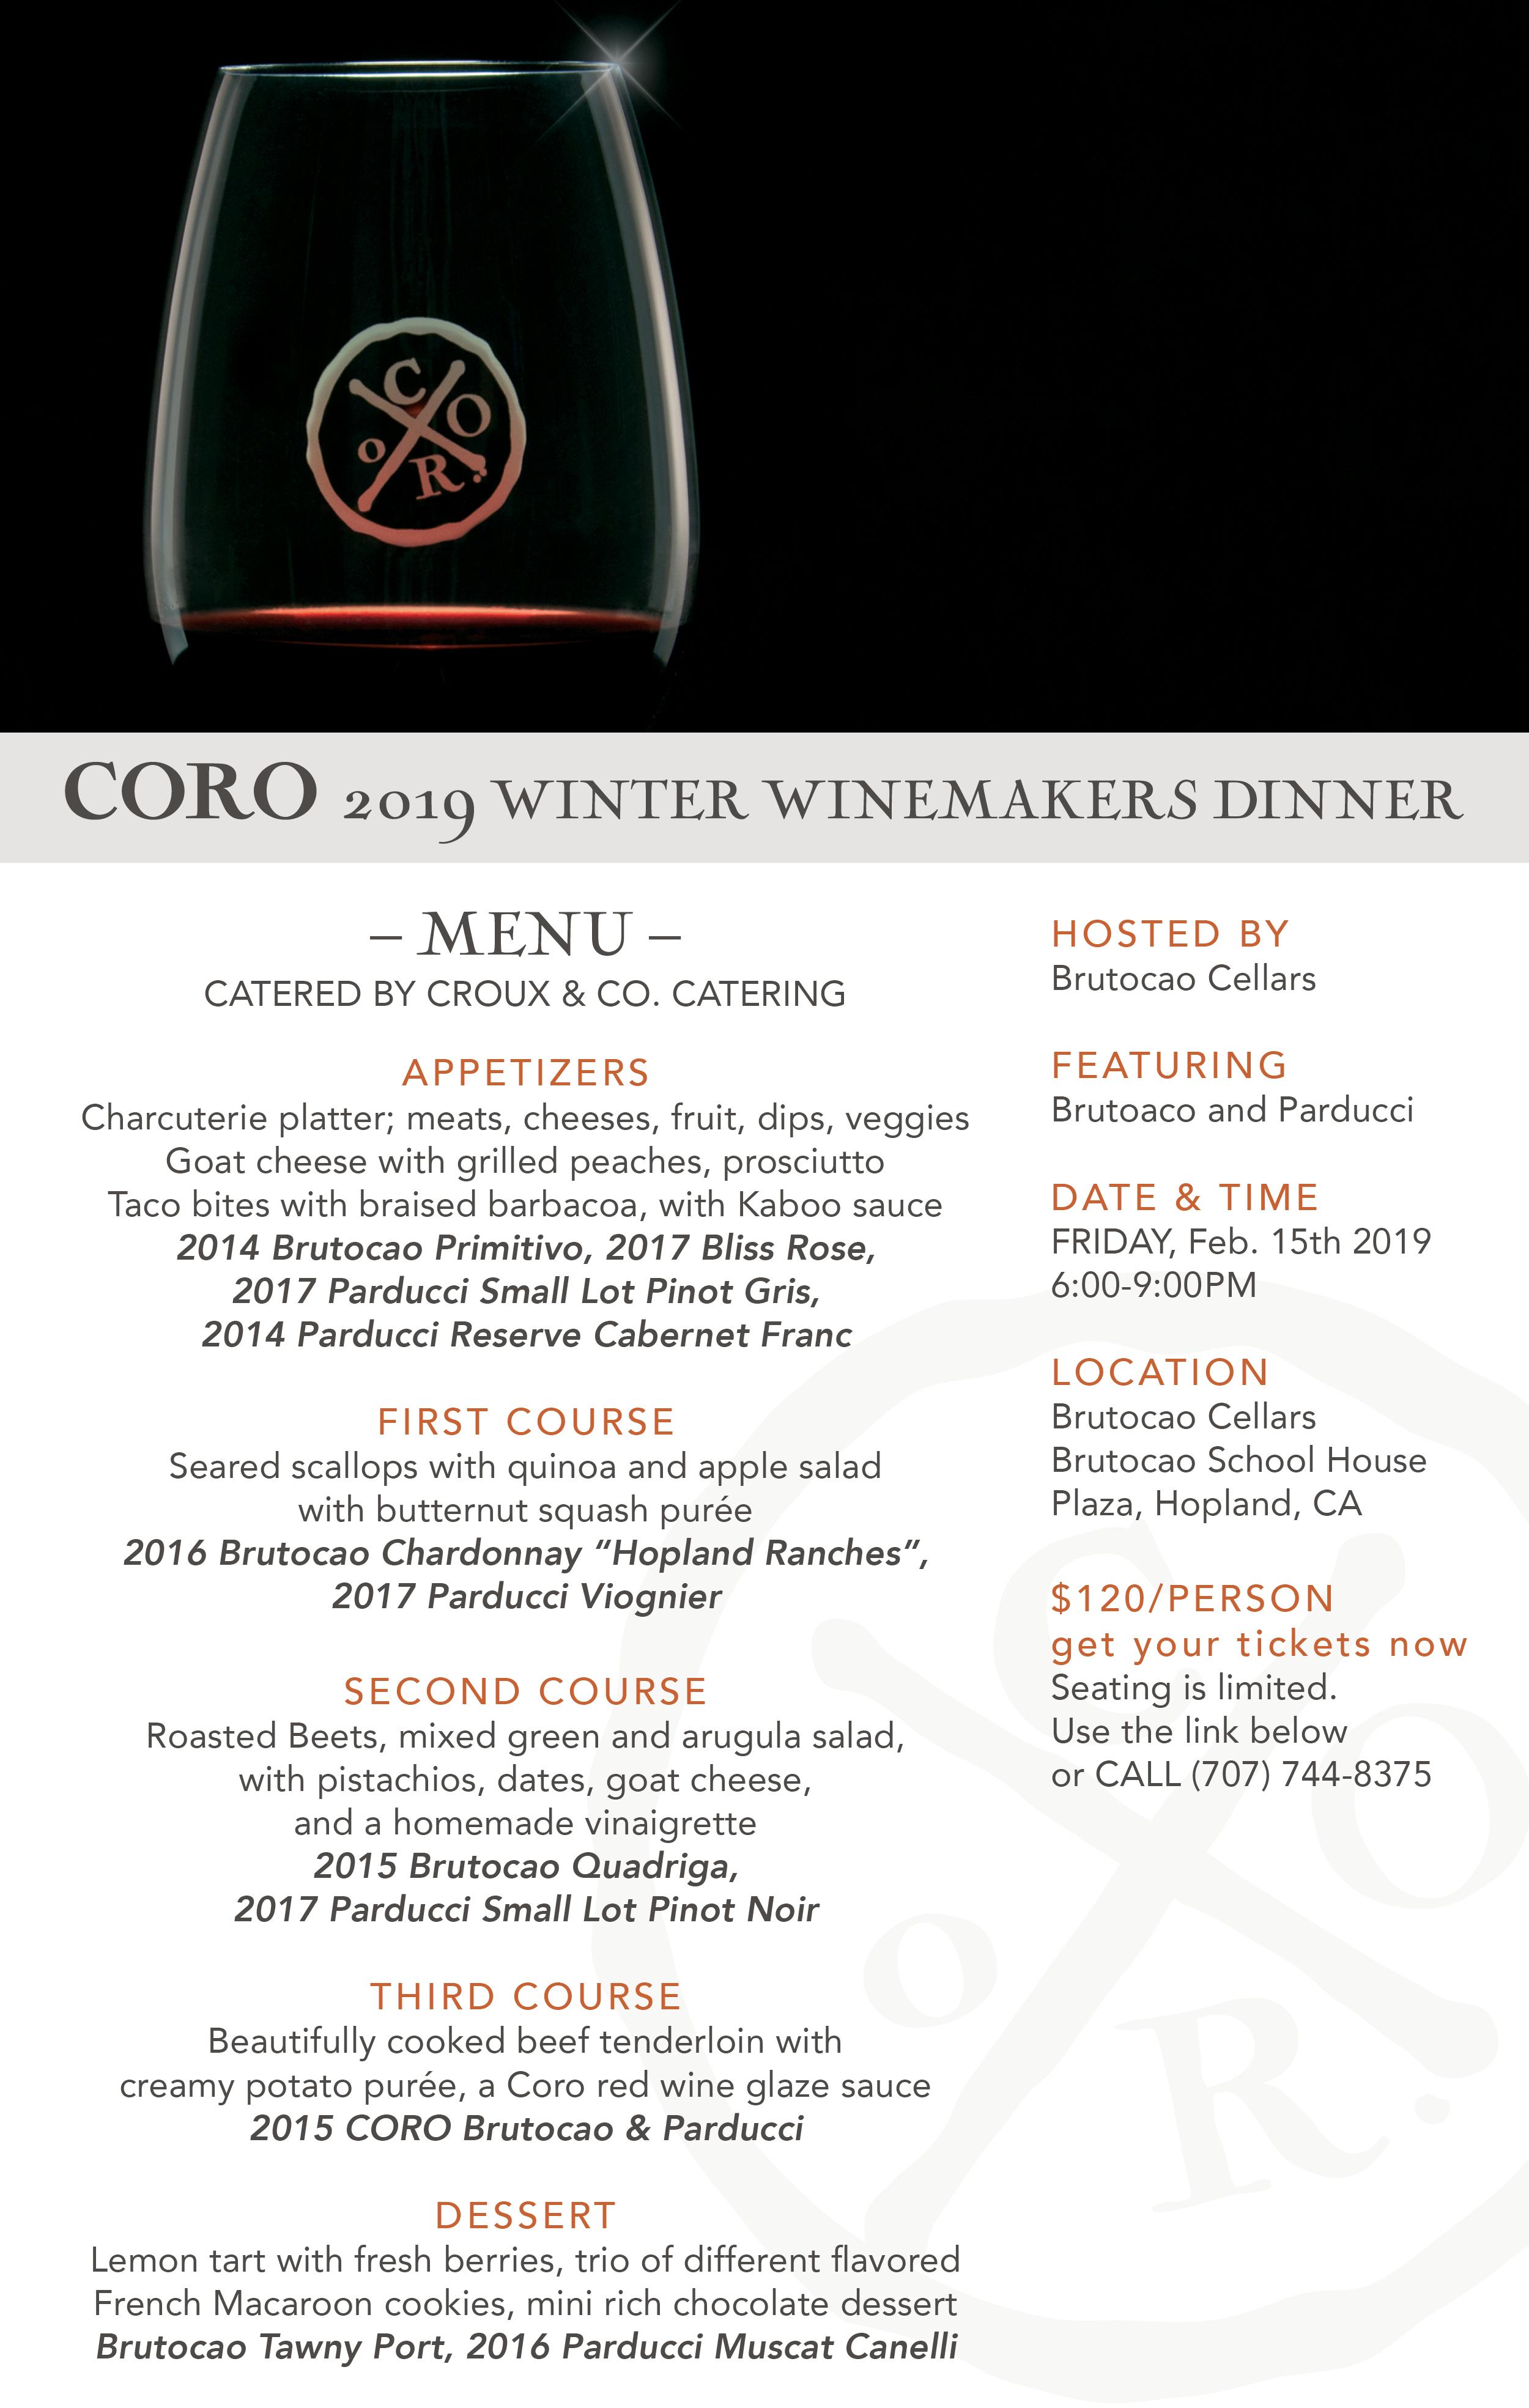 Coro Winter Winemakers Dinner MENU.jpg